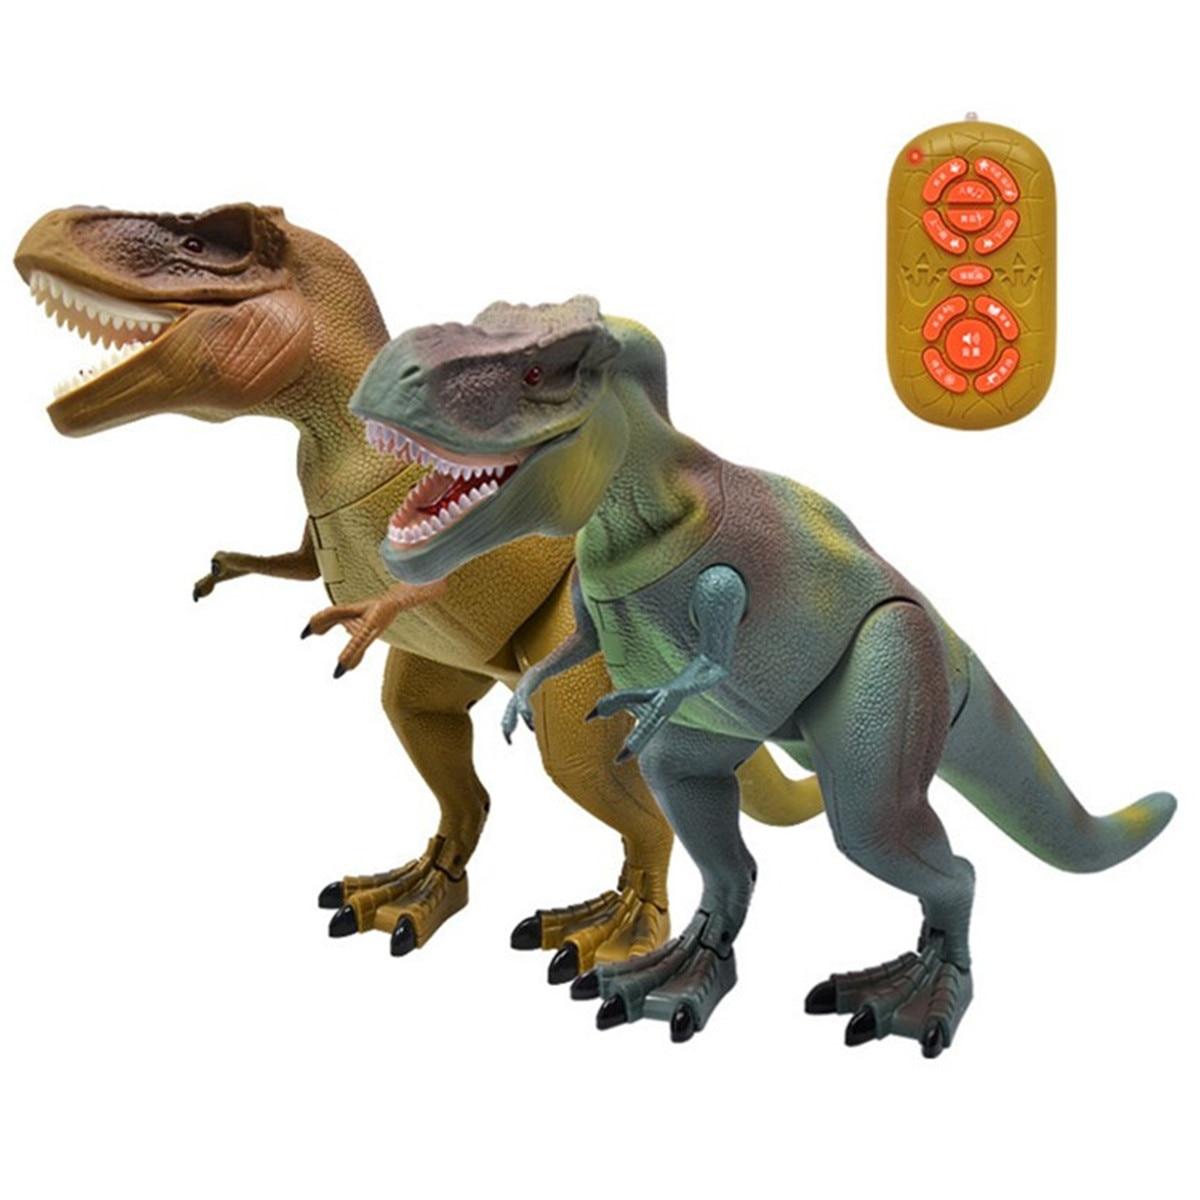 Télécommande Marche Dinosaure Jouets Smart Électronique RC Tyrannosaurus Lumière Son Action Jouet Enfants Enfants Jouets Éducatifs